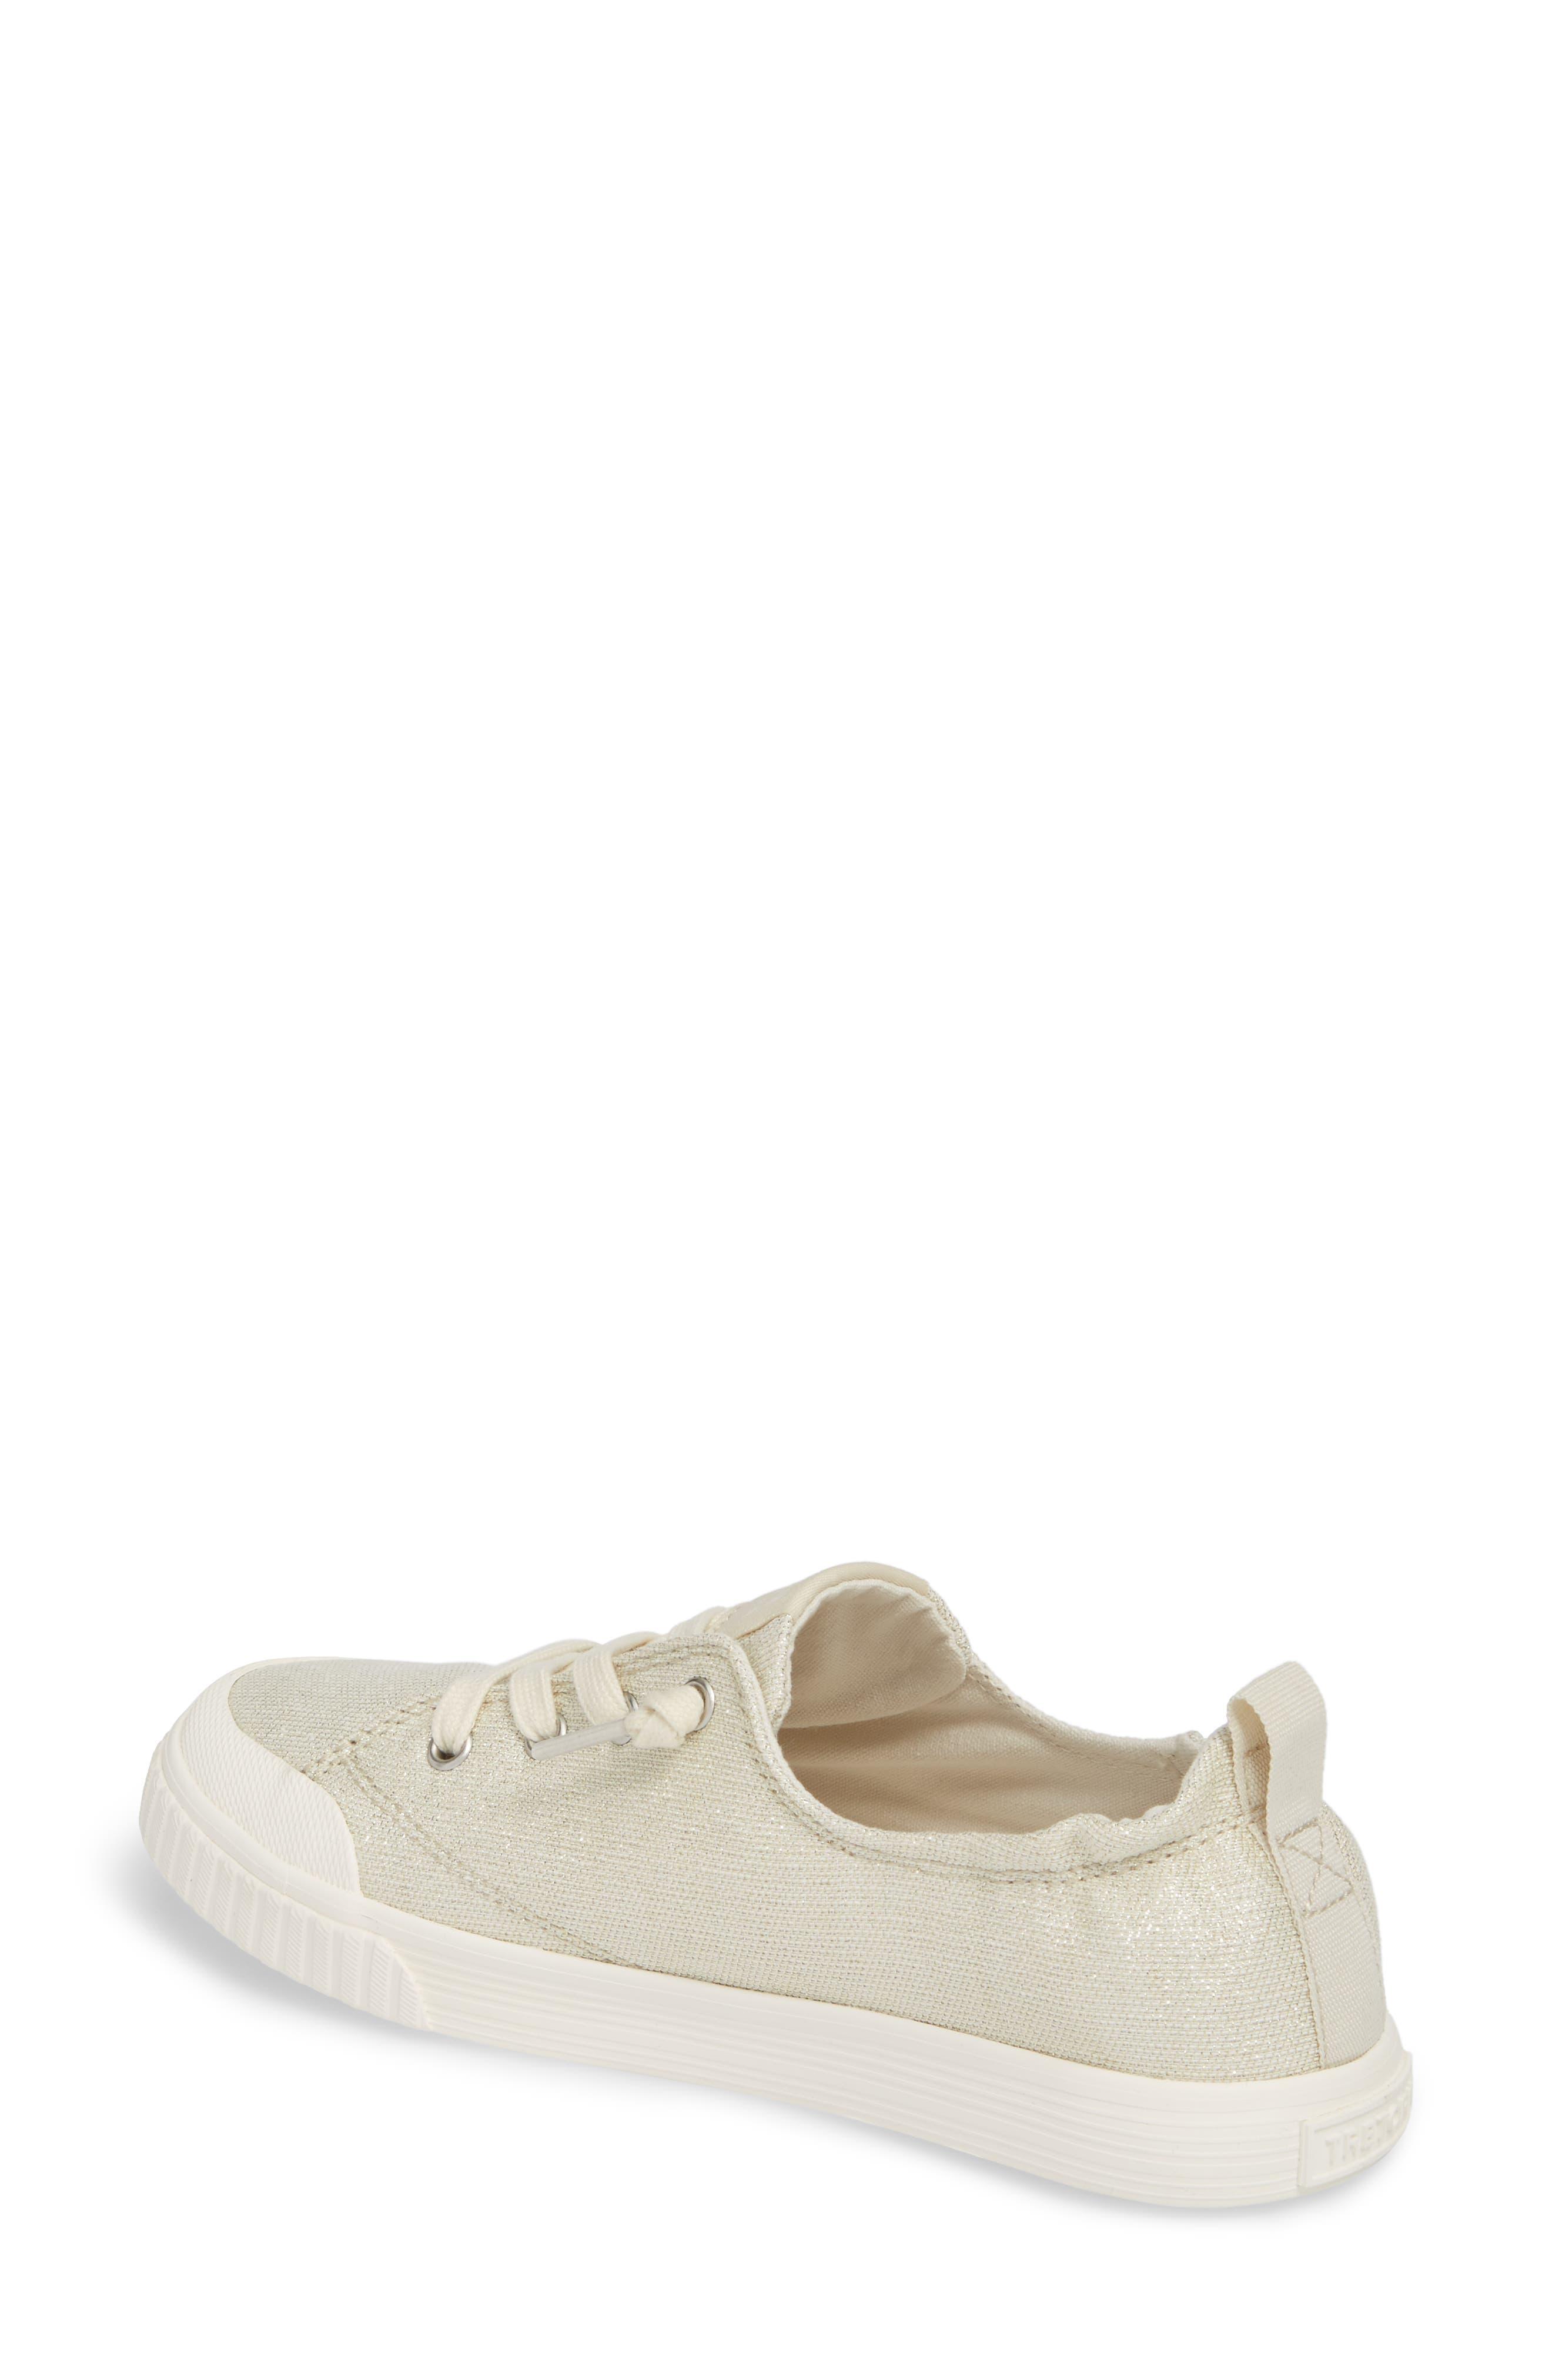 Meg Slip-On Sneaker,                             Alternate thumbnail 2, color,                             Angora/ White